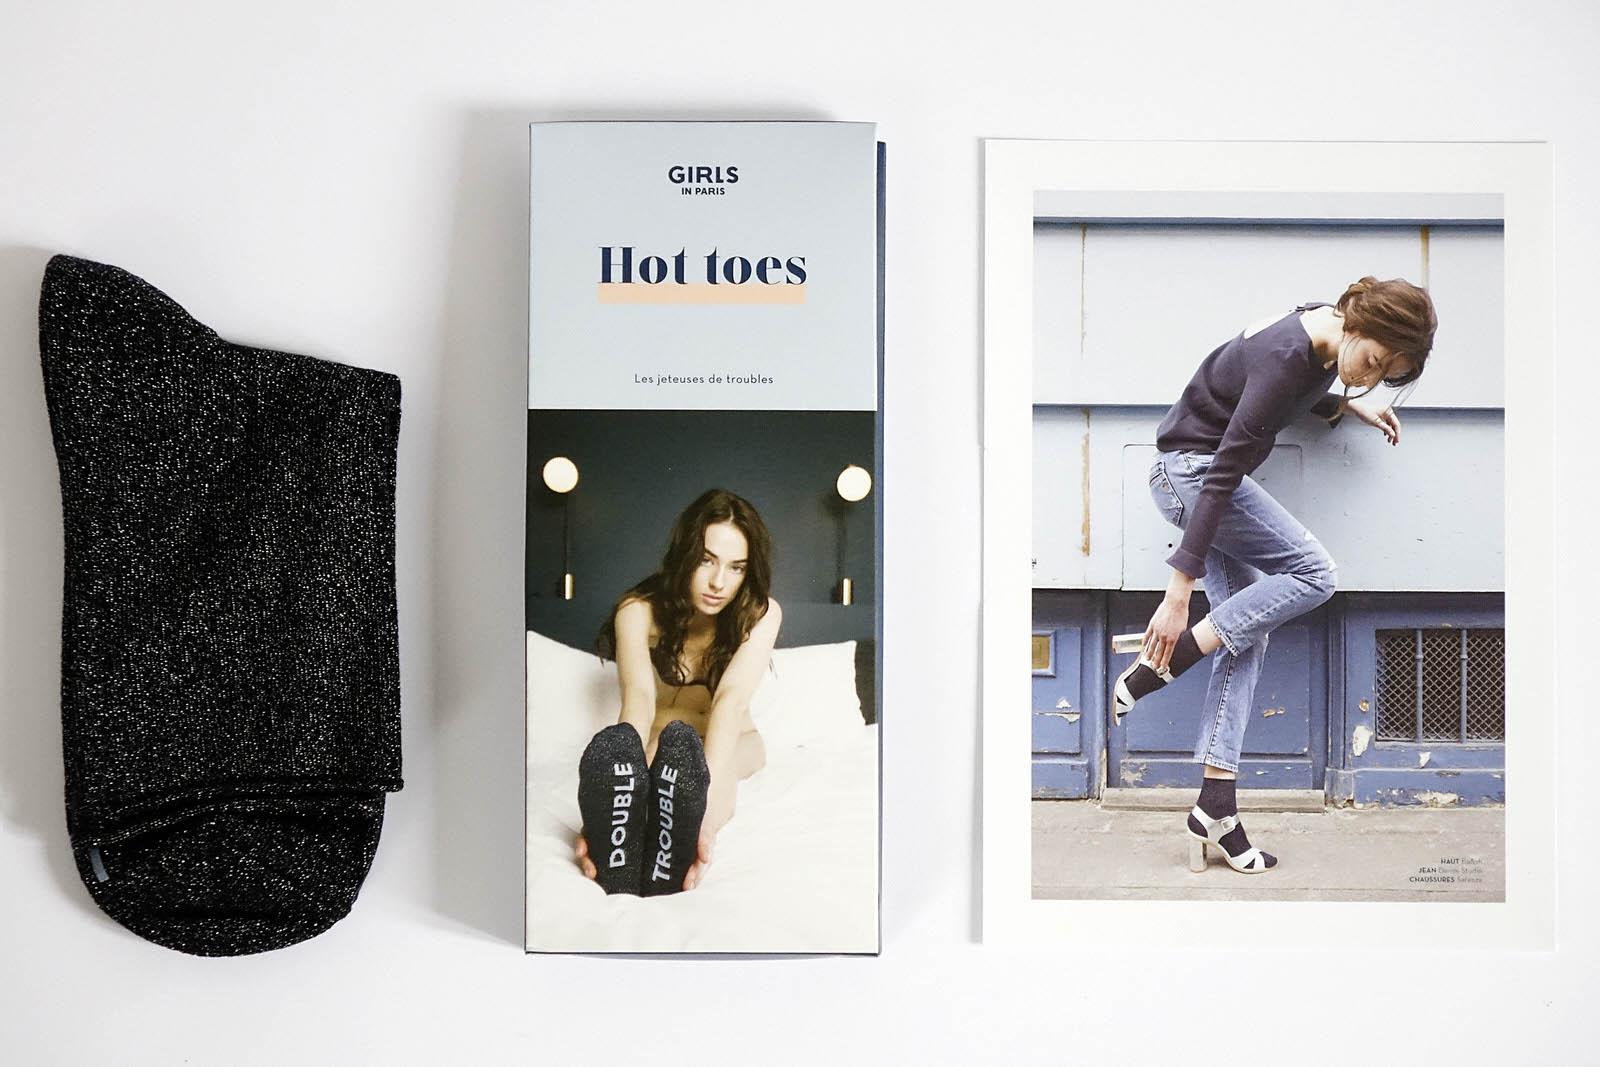 janis-en-sucre-gambettes-box-octobre-2016-09